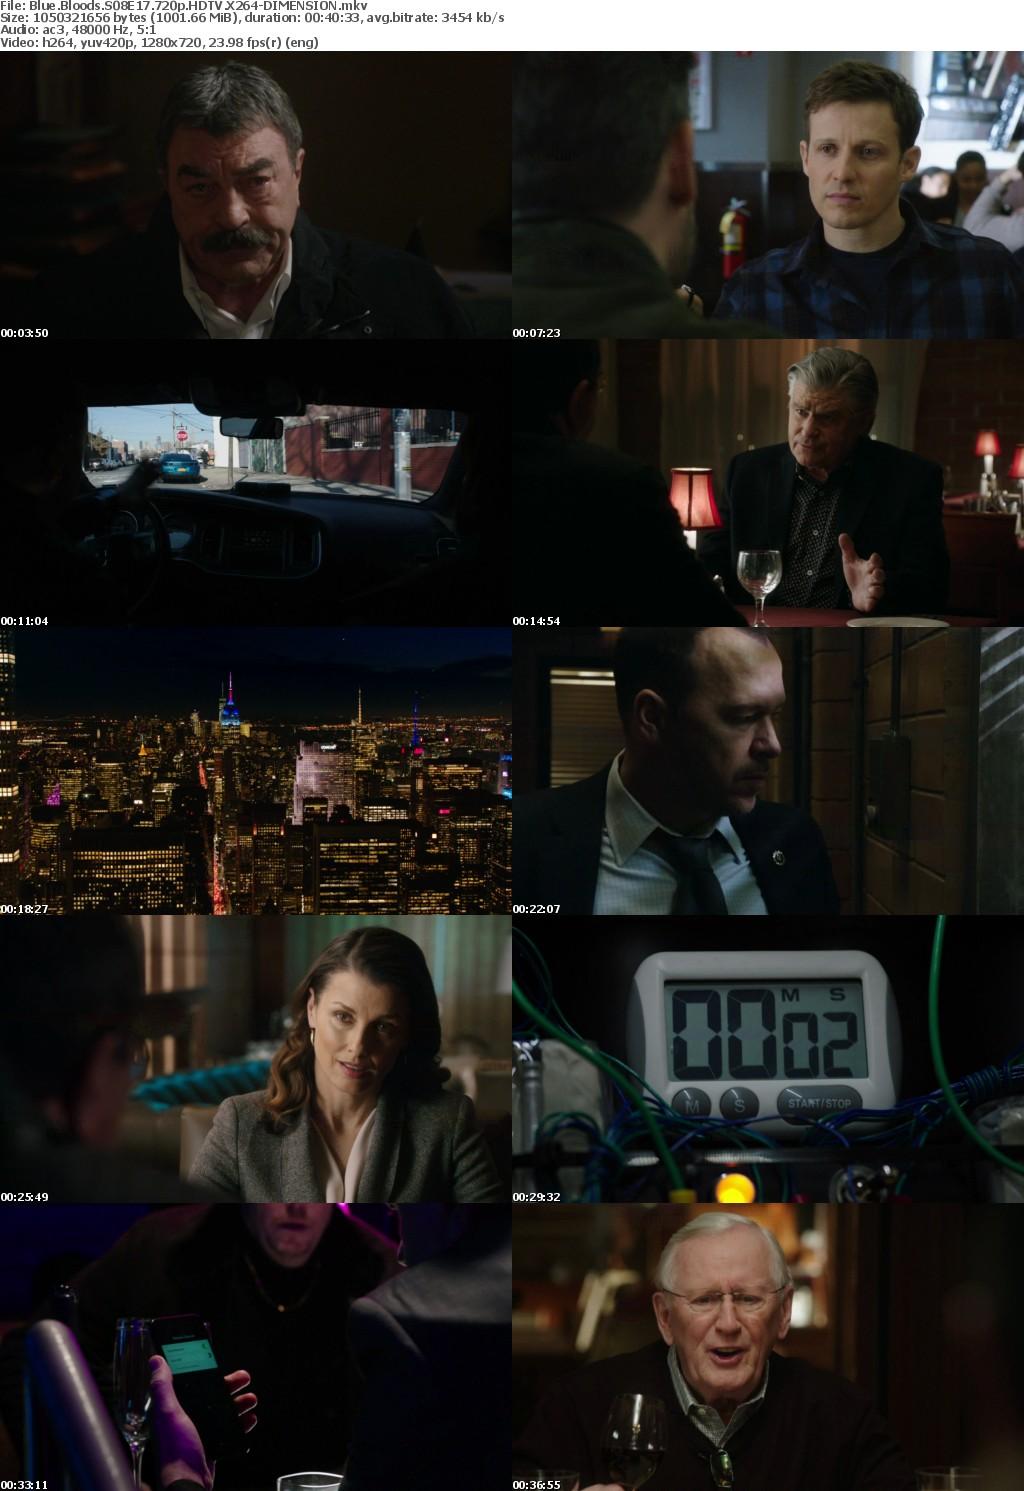 Blue Bloods S08E17 720p HDTV X264-DIMENSION